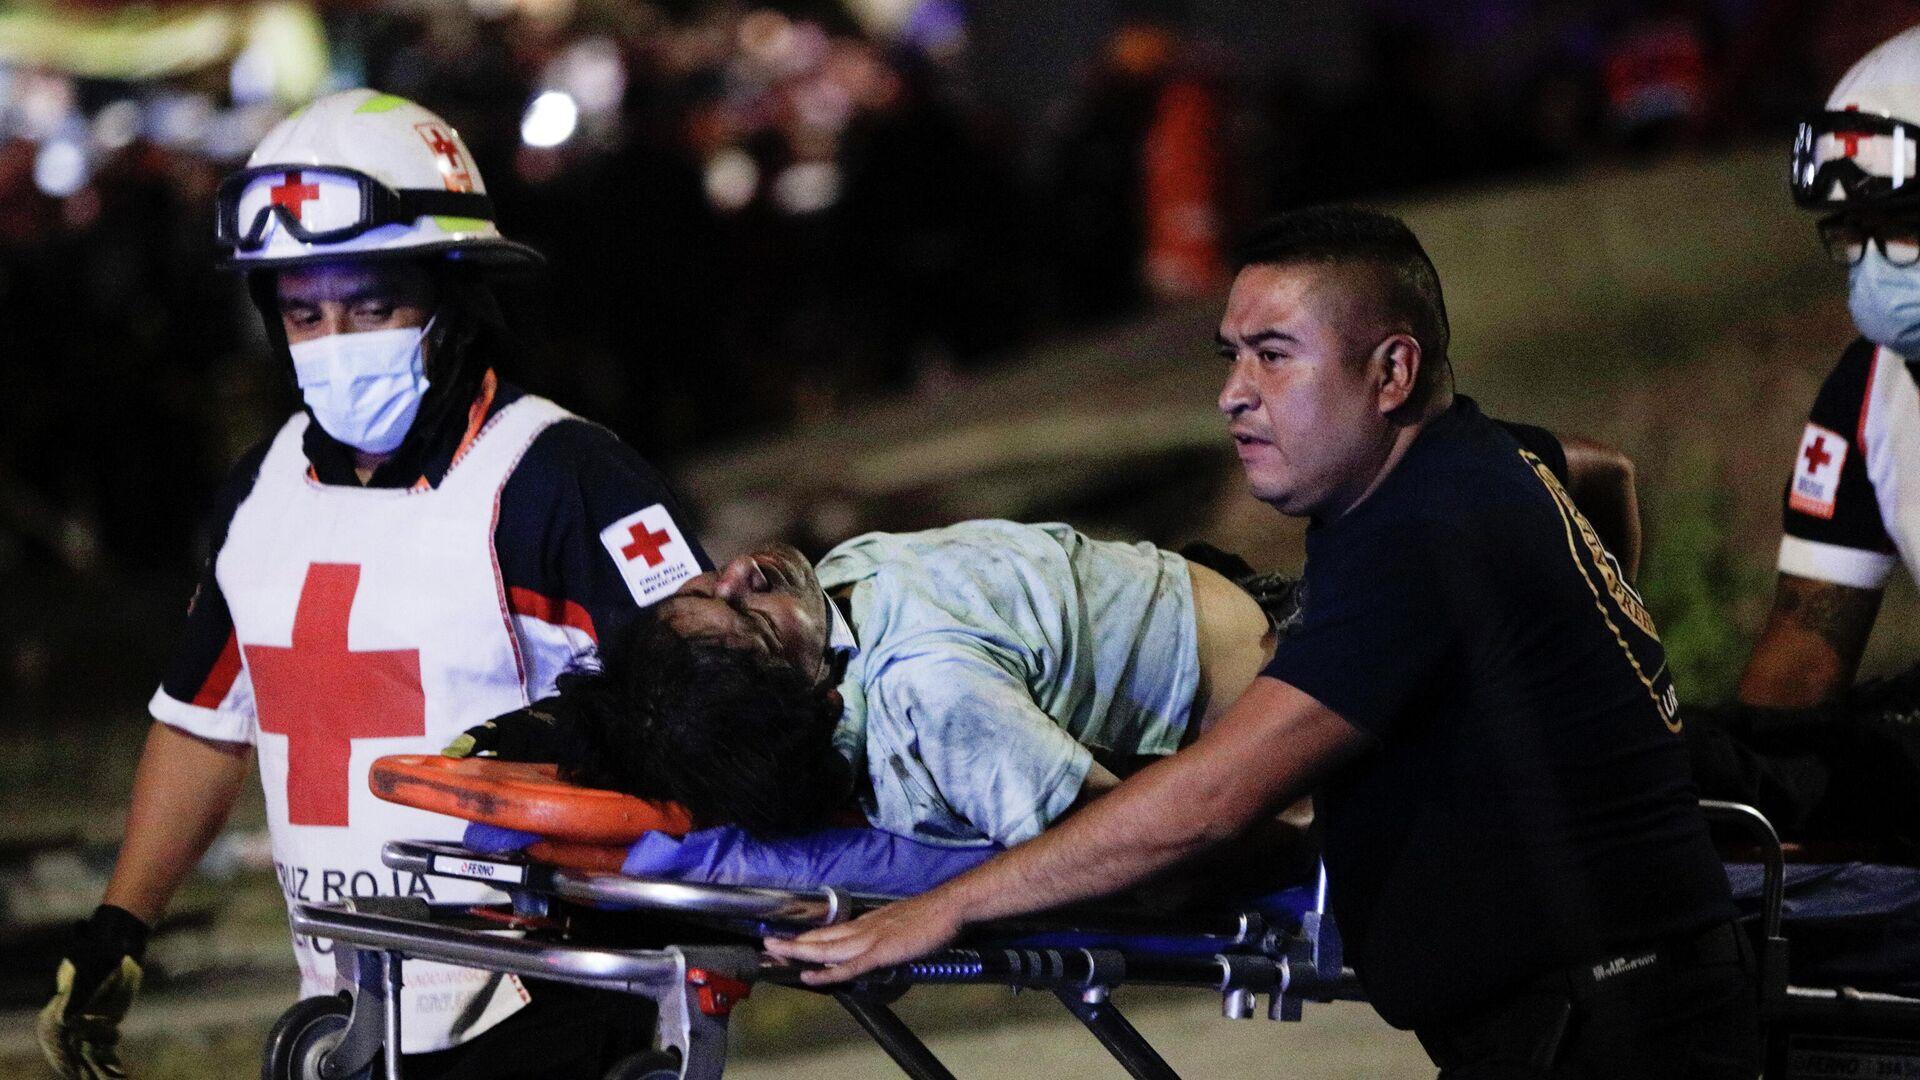 Los rescatistas evacúan a las víctimas del accidente tras el desplome del metro en la Ciudad de México - Sputnik Mundo, 1920, 04.05.2021